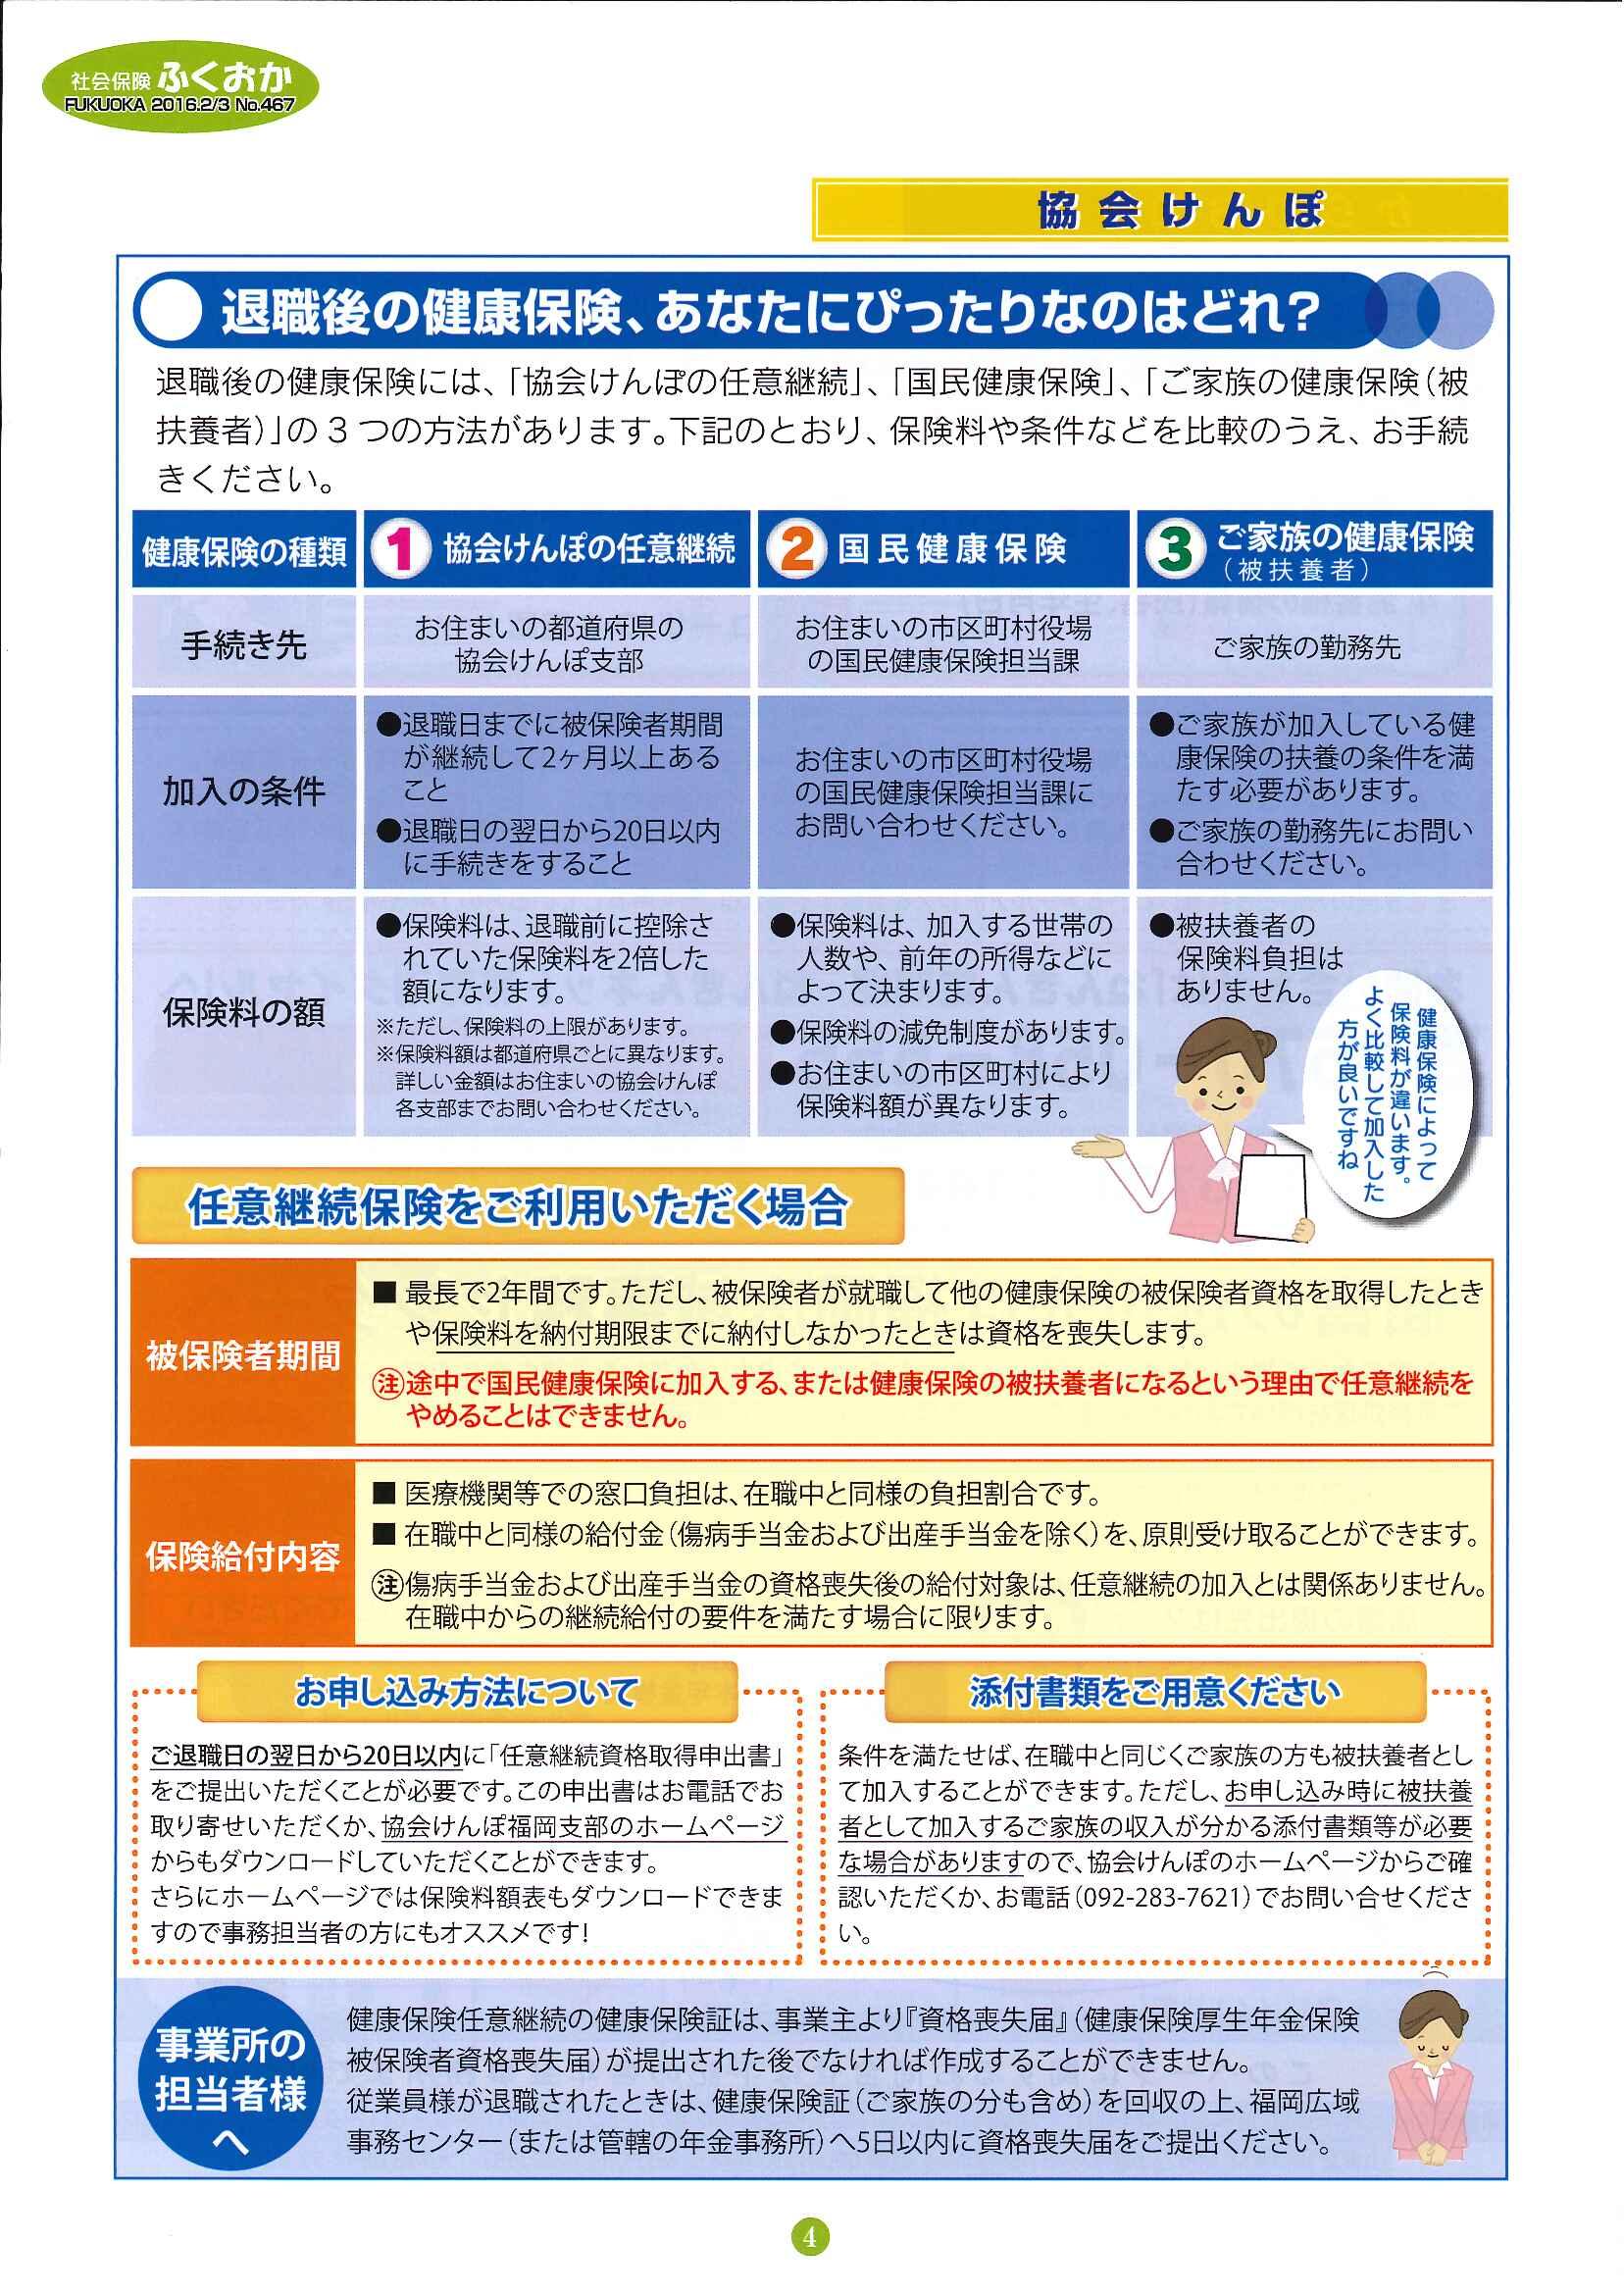 社会保険 「ふくおか」 2016年2・3月号_f0120774_16244289.jpg